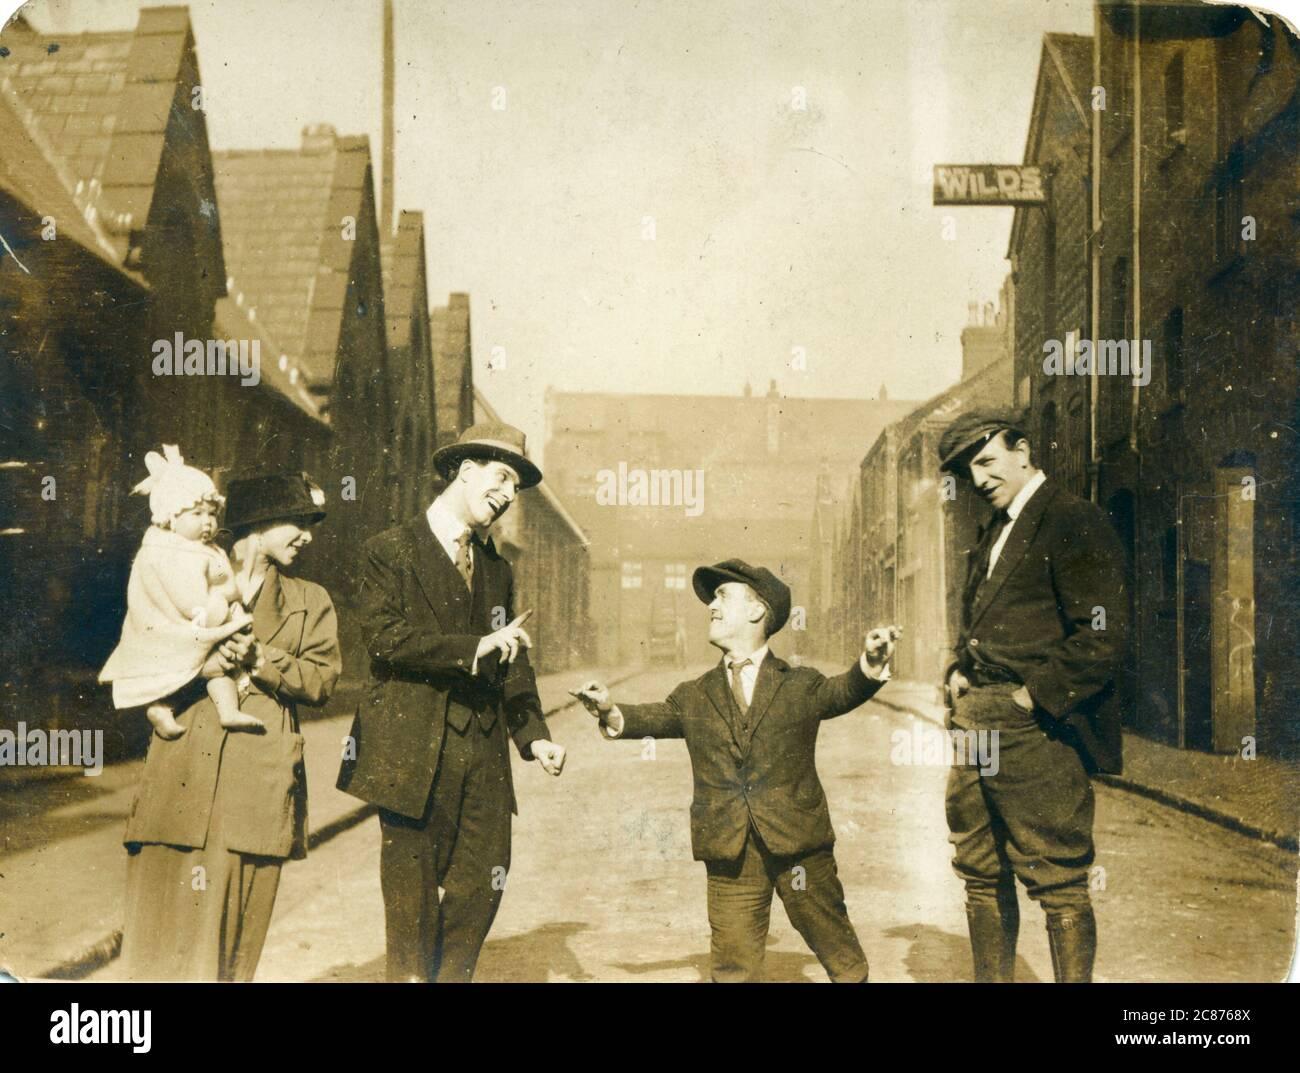 Gruppe von Menschen, möglicherweise Familienmitglieder, einschließlich eines Mannes mit eingeschränktem Wachstum (Zwergwuchs), 1920er Jahre. Datum: 1920er Jahre Stockfoto